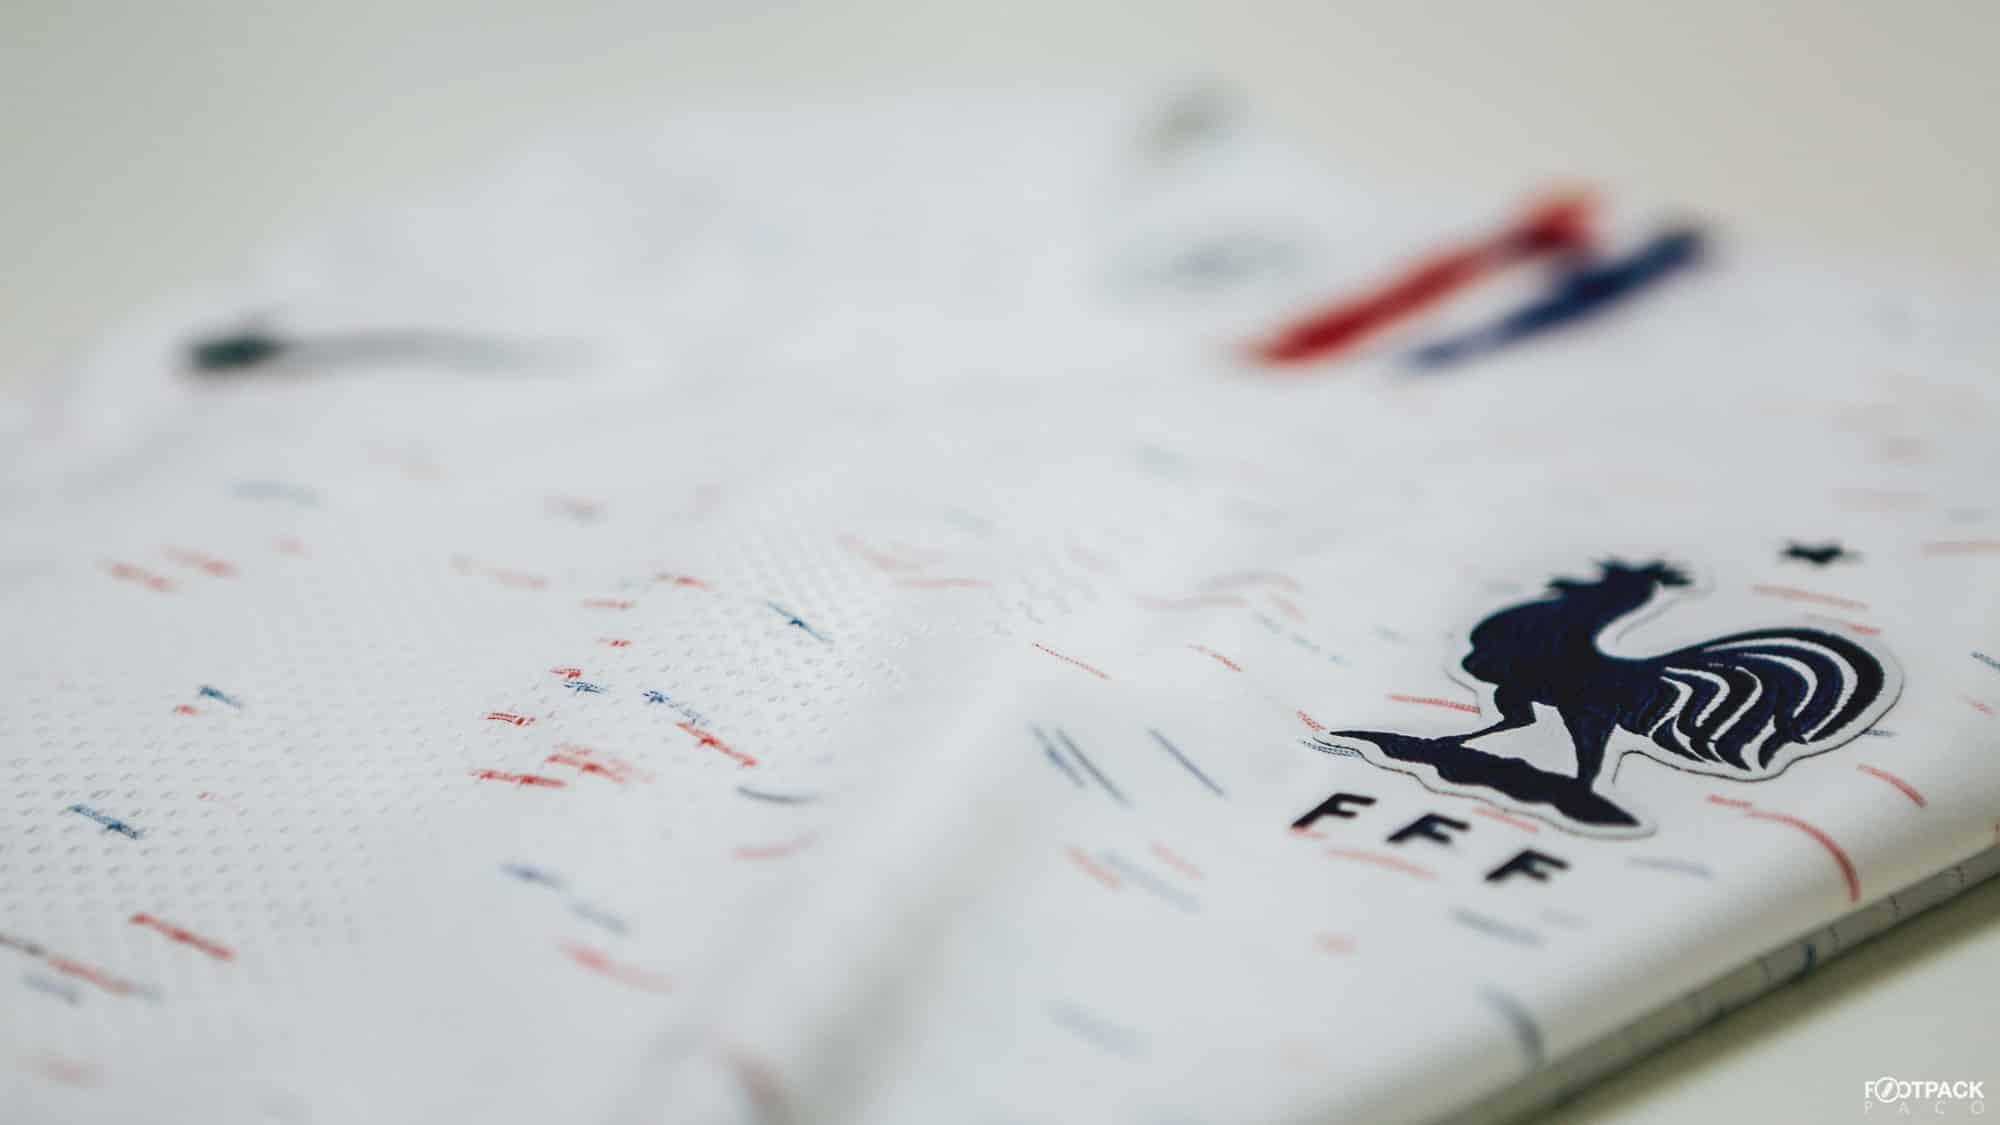 maillot-exterieur-equipe-de-france-coupe-du-monde-2018-flanc